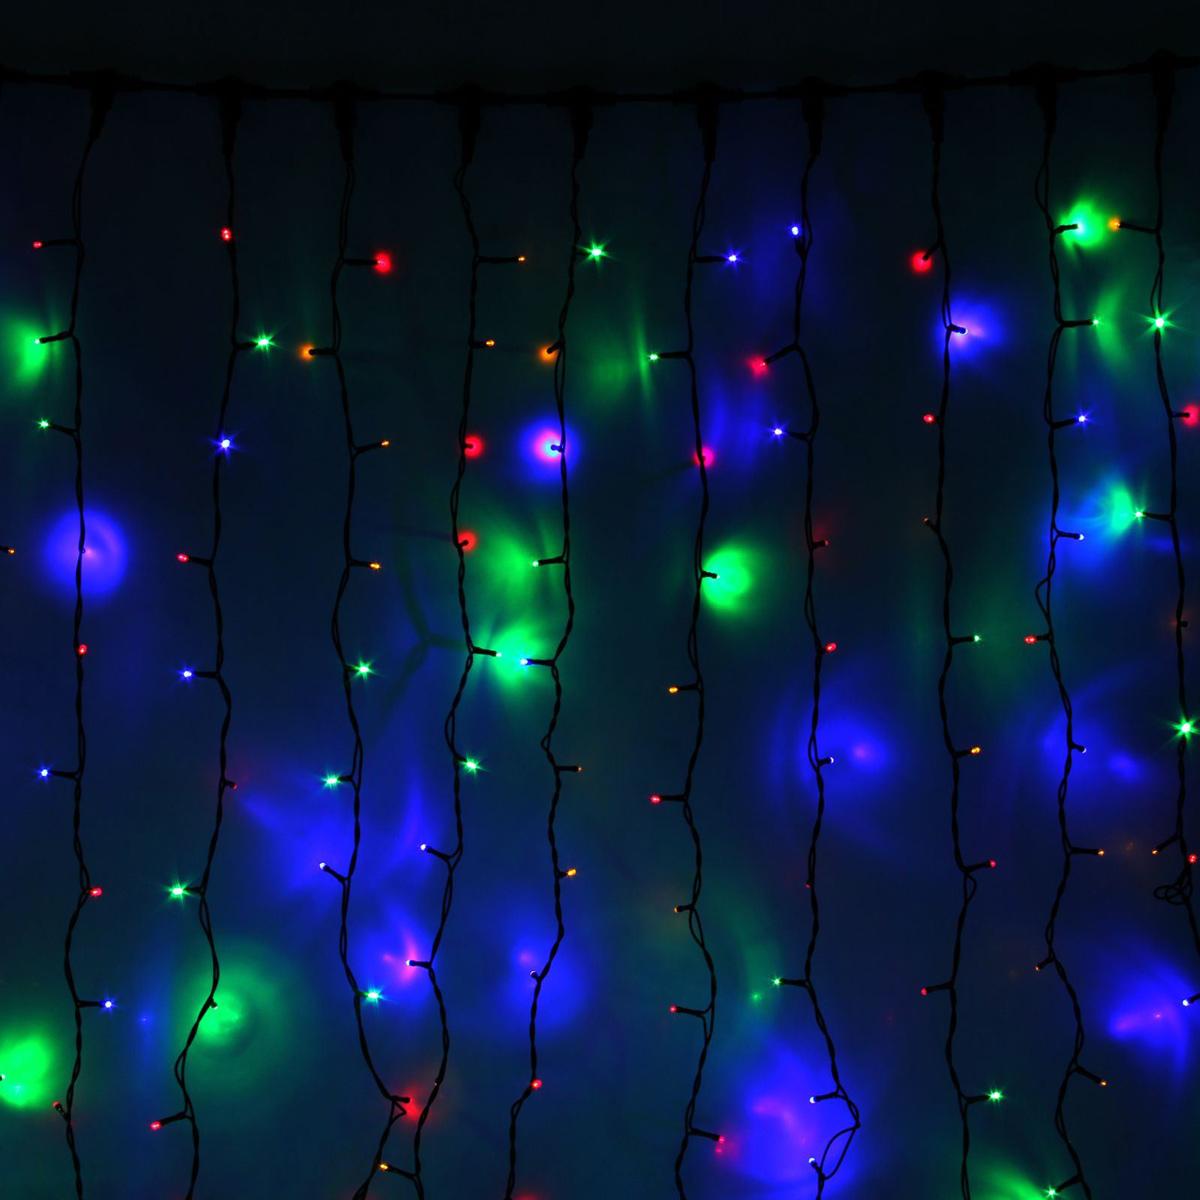 Гирлянда светодиодная Luazon Занавес, цвет: мультиколор, уличная, 760 ламп, 220 V, 2 х 3 м. 10802321080232Светодиодные гирлянды и ленты — это отличный вариант для новогоднего оформления интерьера или фасада. С их помощью помещение любого размера можно превратить в праздничный зал, а внешние элементы зданий, украшенные ими, мгновенно станут напоминать очертания сказочного дворца. Такие украшения создают ауру предвкушения чуда. Деревья, фасады, витрины, окна и арки будто специально созданы, чтобы вы украсили их светящимися нитями.